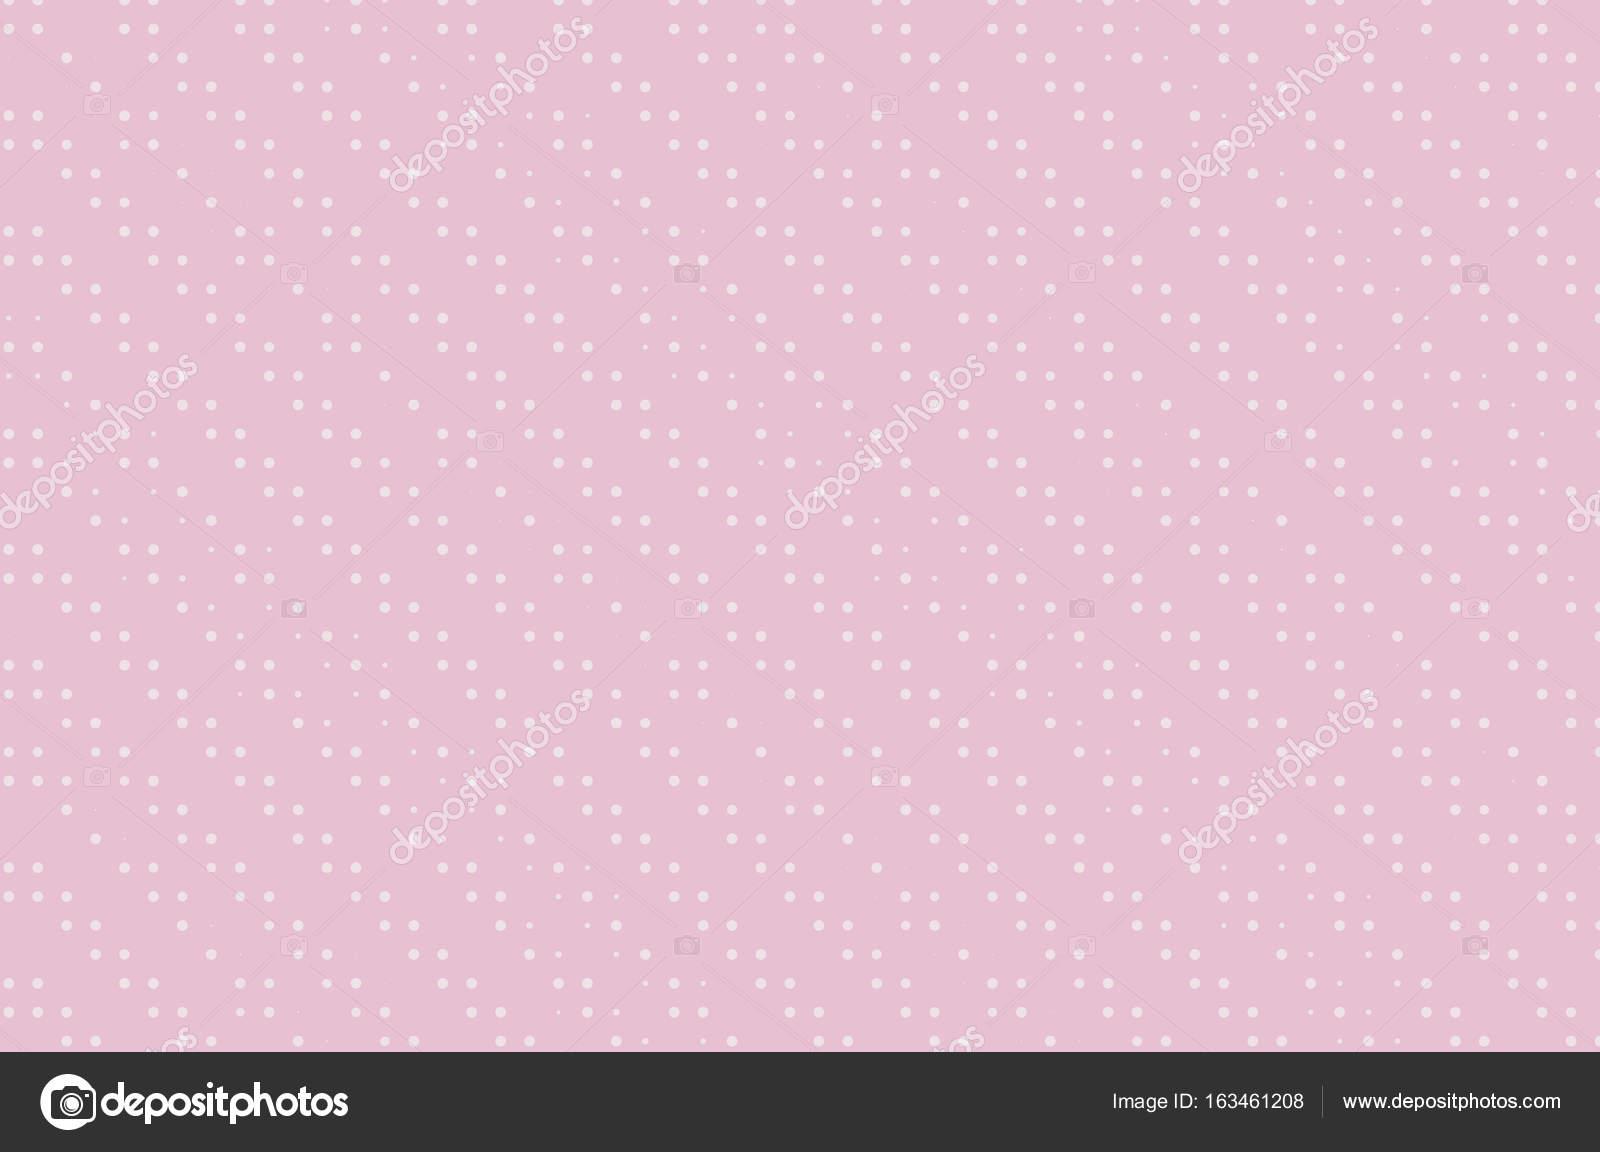 Behang Met Stippen : Halftone bezaaid achtergrond. pop art stijl. patroon met kleine